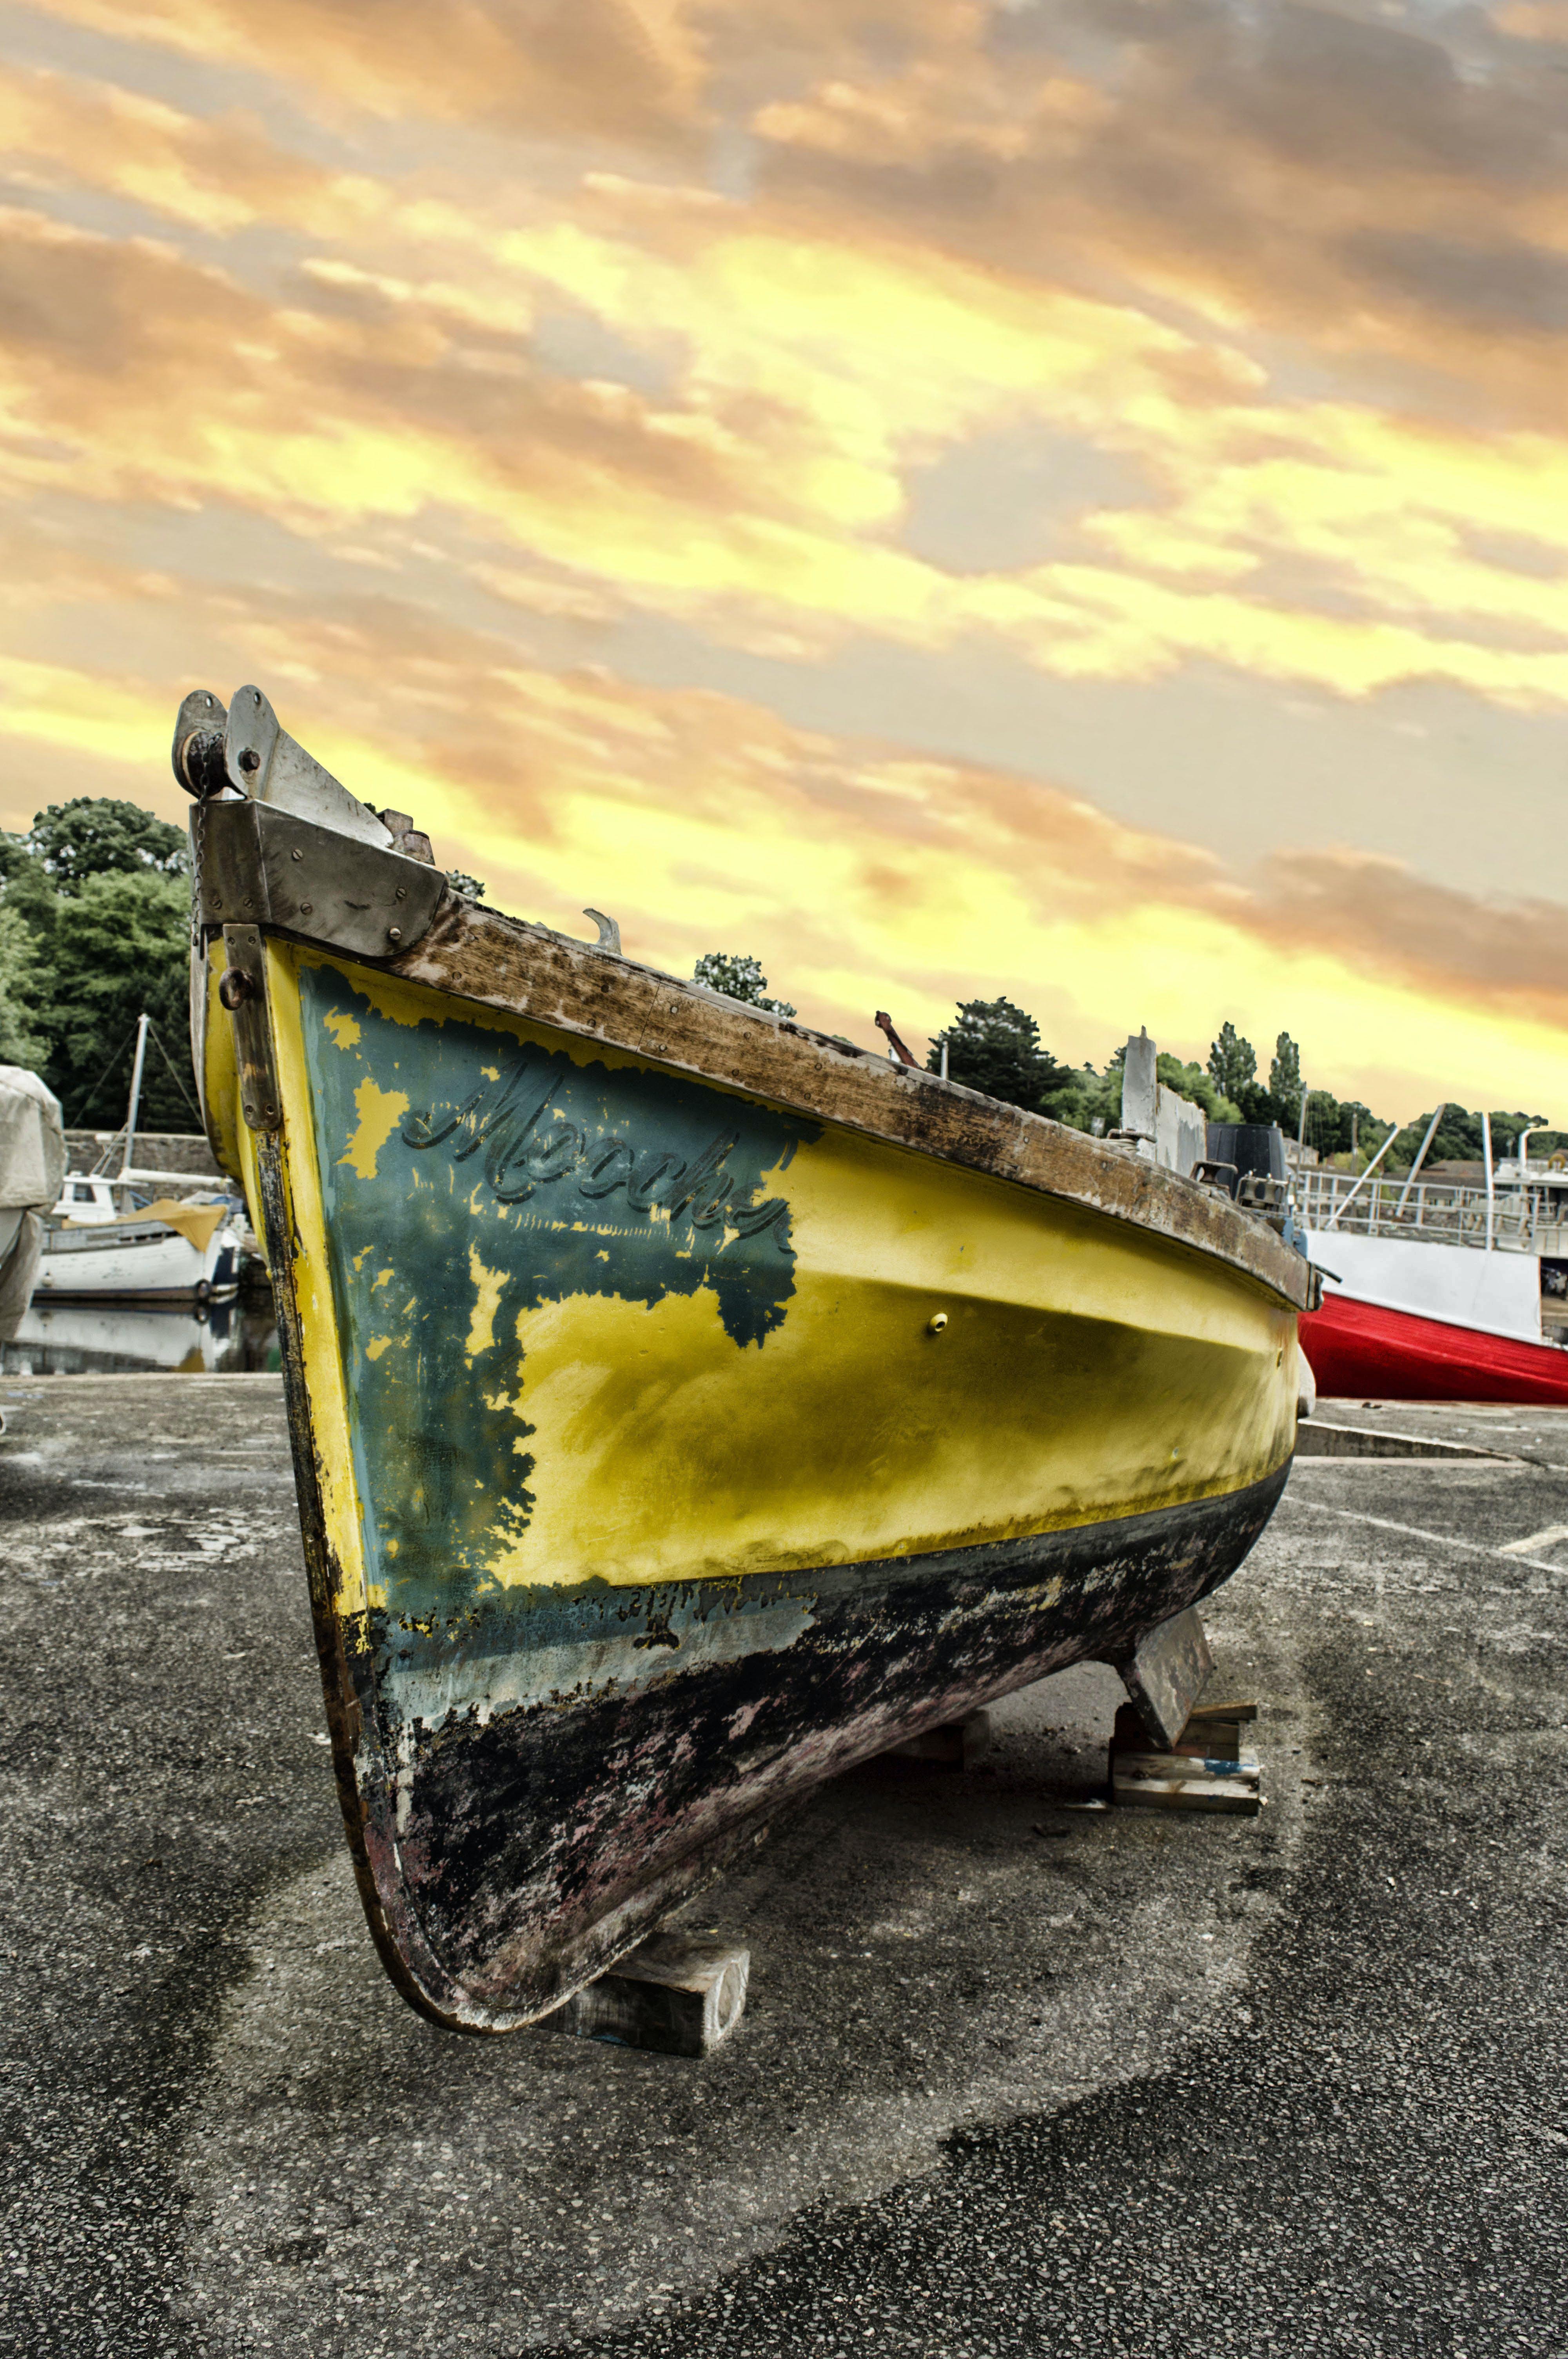 경치, 교통체계, 구름, 노란색의 무료 스톡 사진